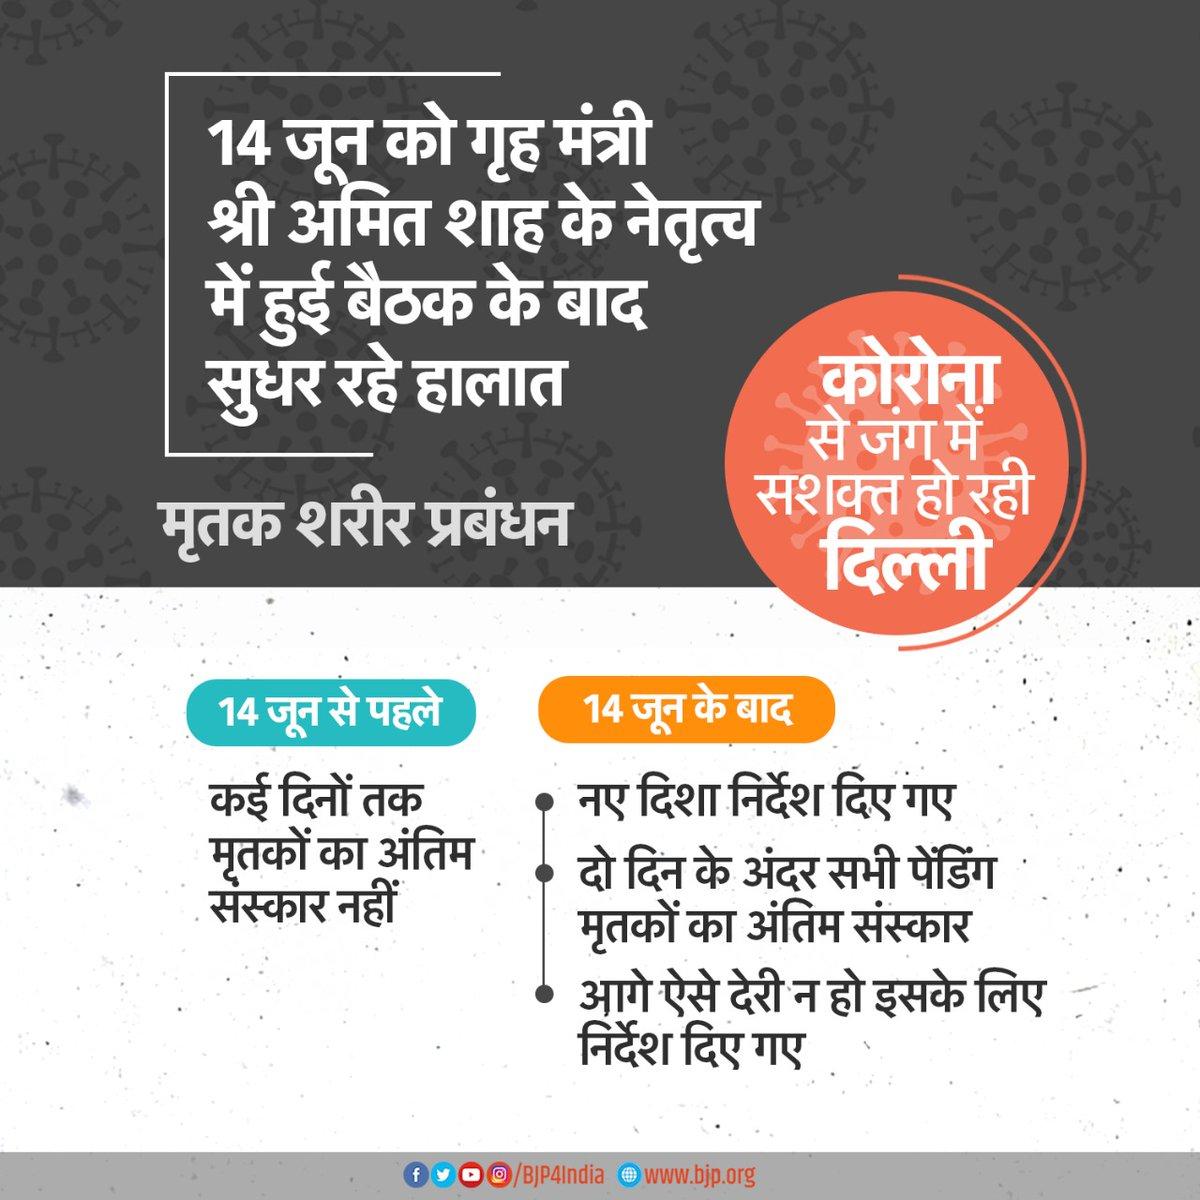 कोरोना से जंग में सशक्त हो रही दिल्ली। • दो दिन के अंदर सभी पेंडिंग मृतकों का अंतिम संस्कार। • नए दिशा निर्देश दिए गए। #IndiaFightsCorona